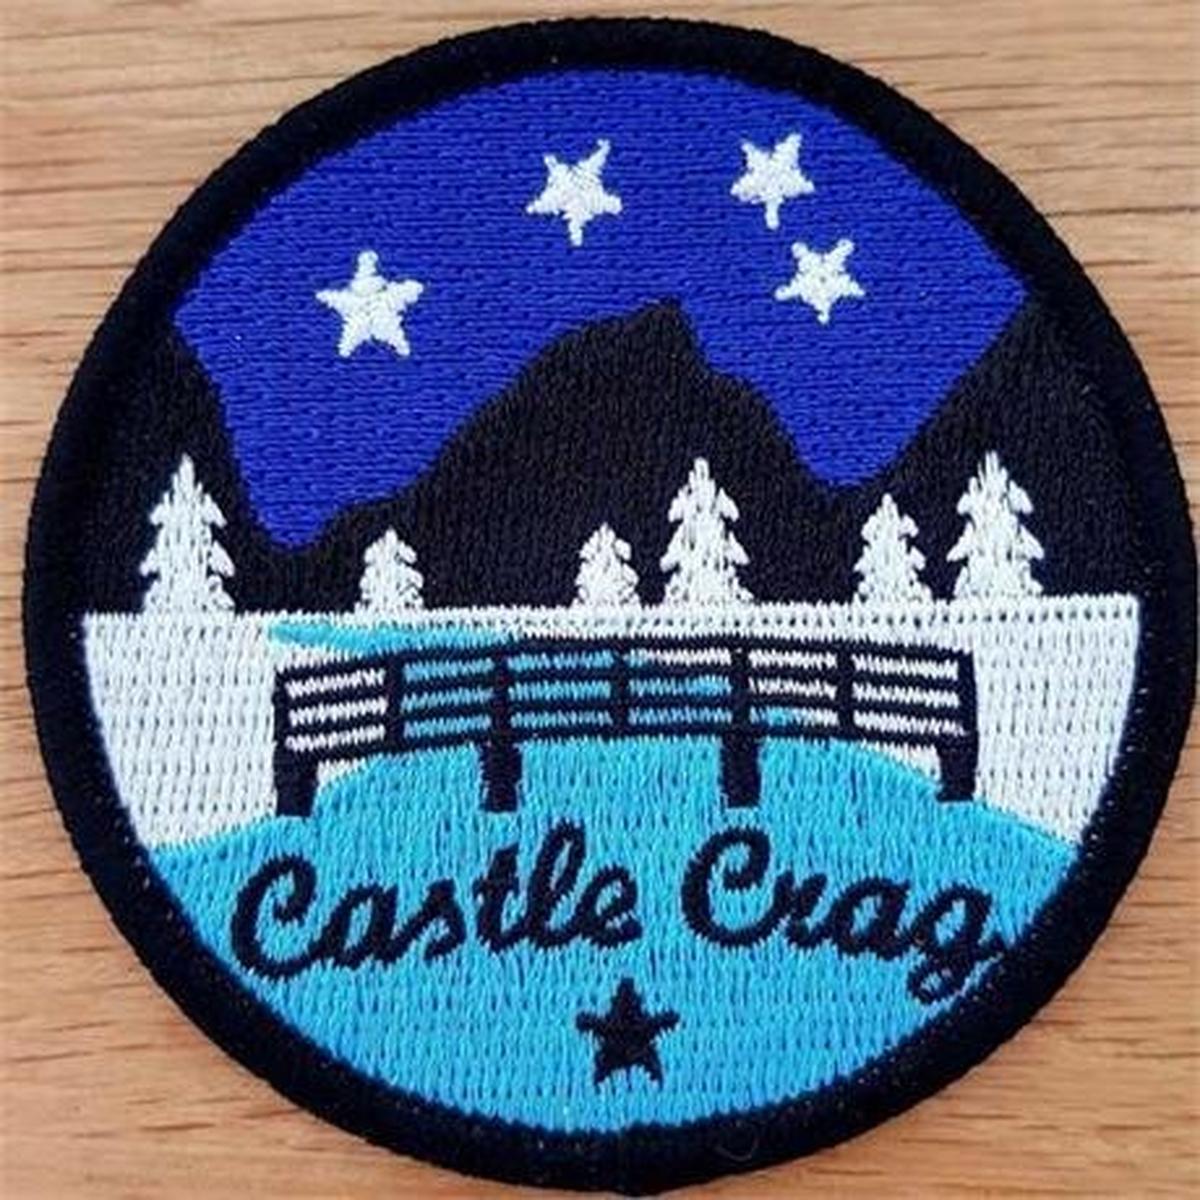 Conquer Lake District Patch - Castle Crag